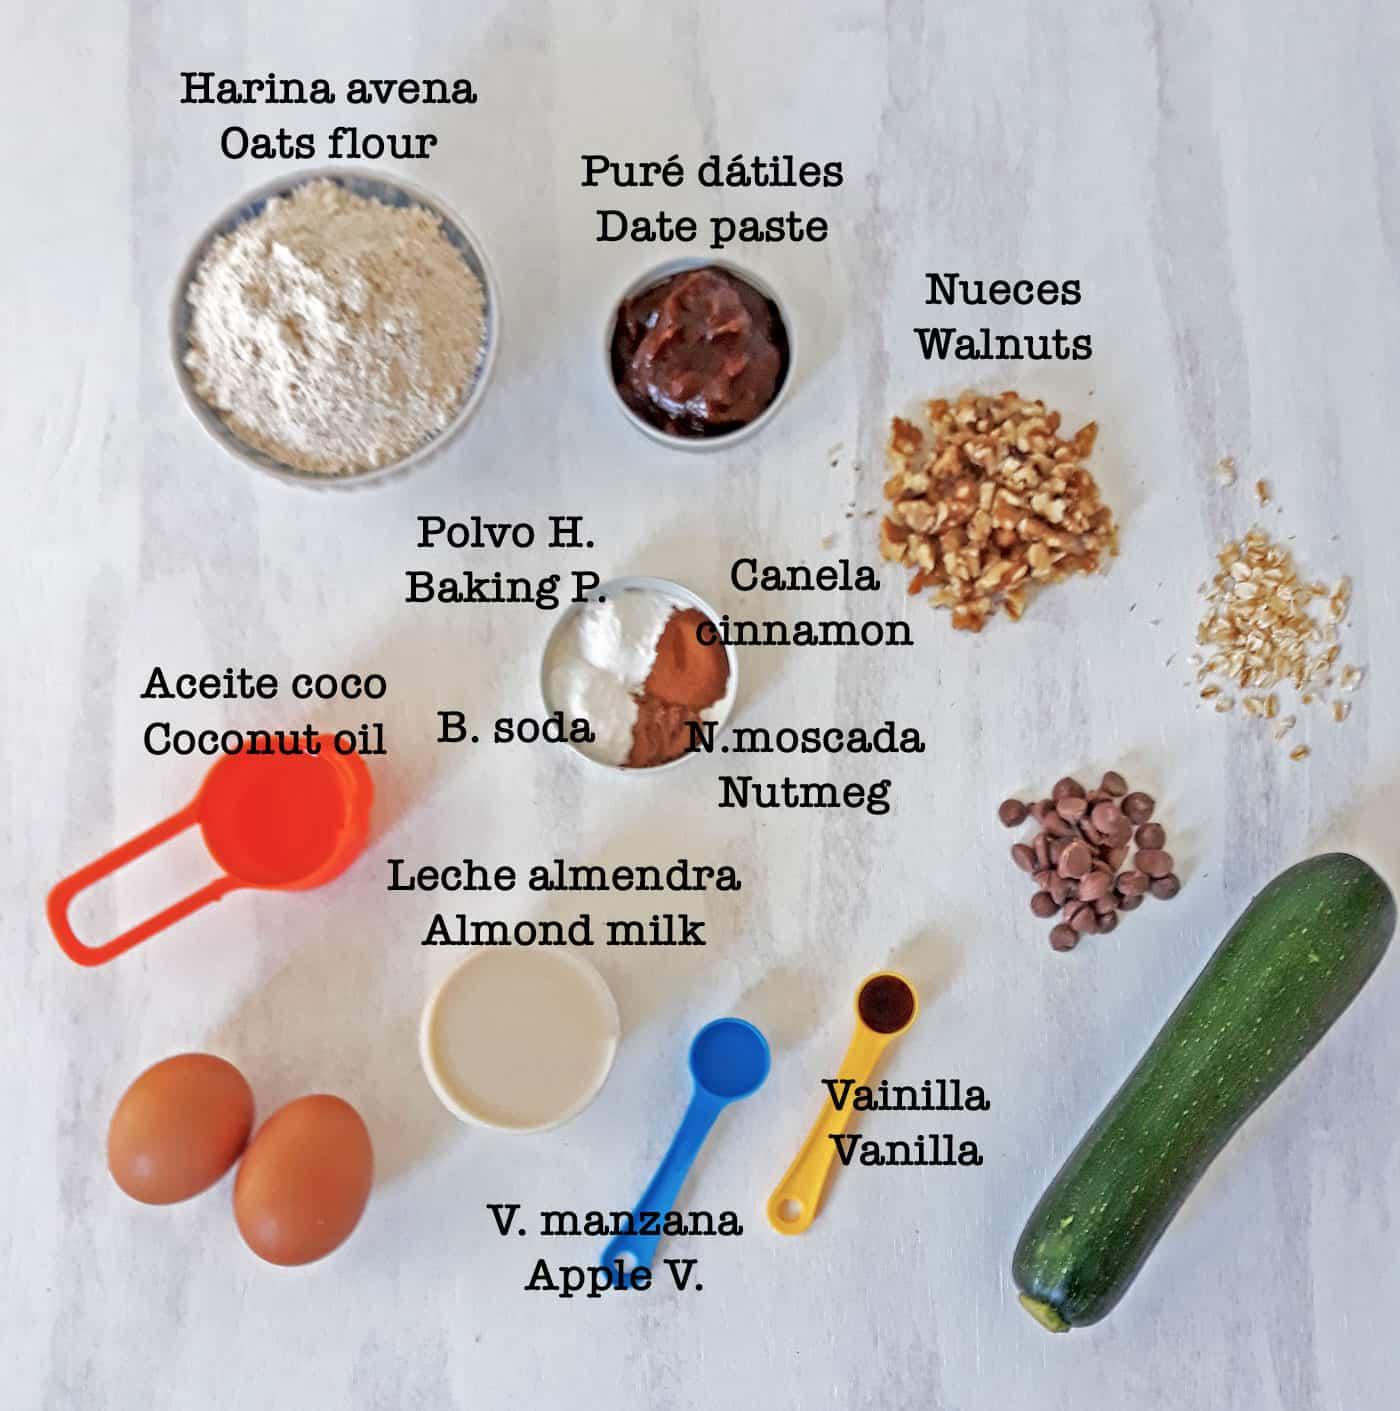 ingredientes para preparar muffins de zucchini sobre una mesa blanca